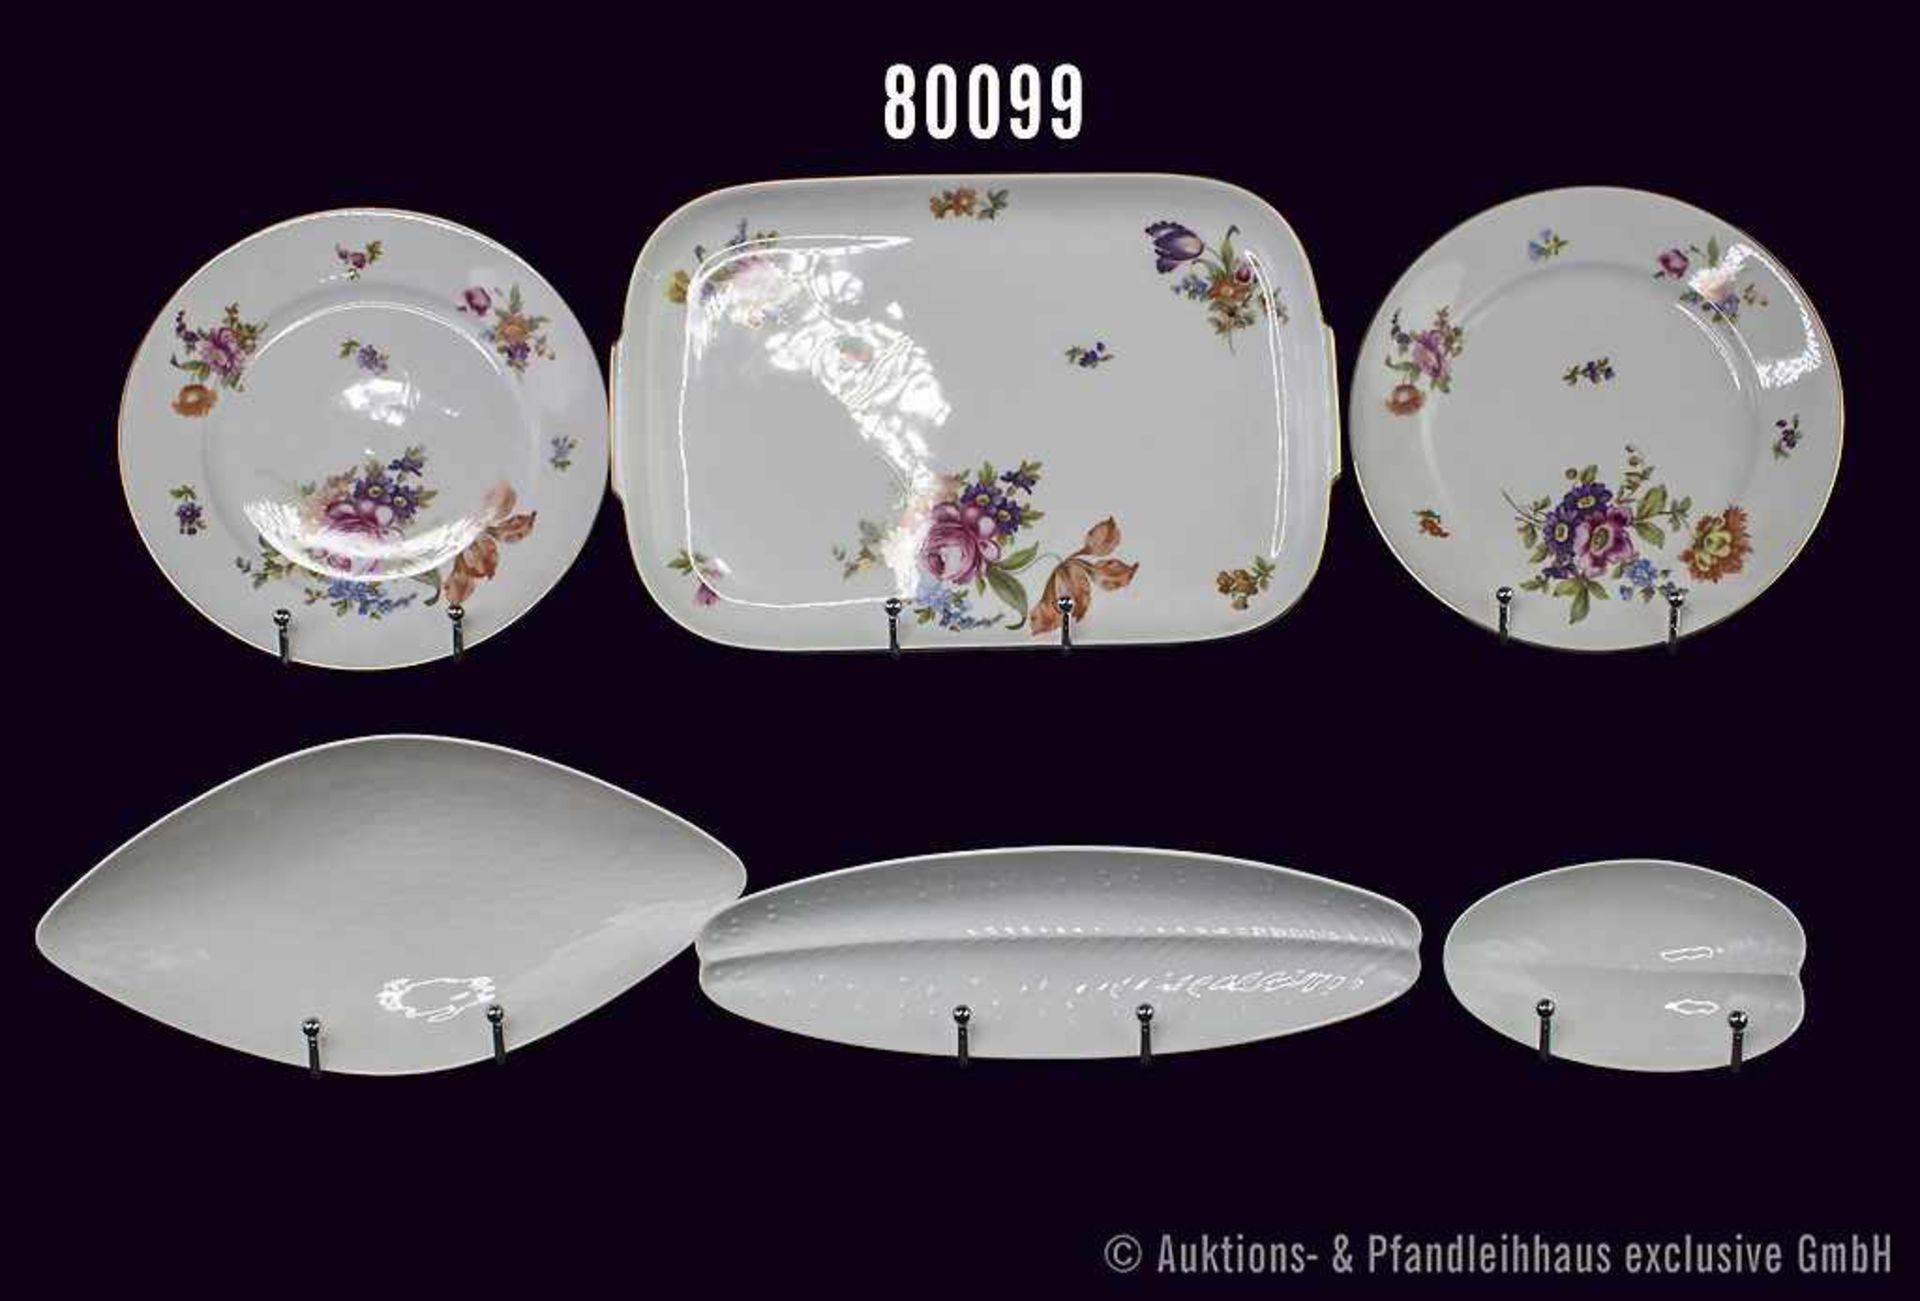 Konv. 11 Teile Rosenthal Porzellan, dabei Dekor Aida mit Blumenbuketts 50er Jahre, 1 Platte L 32